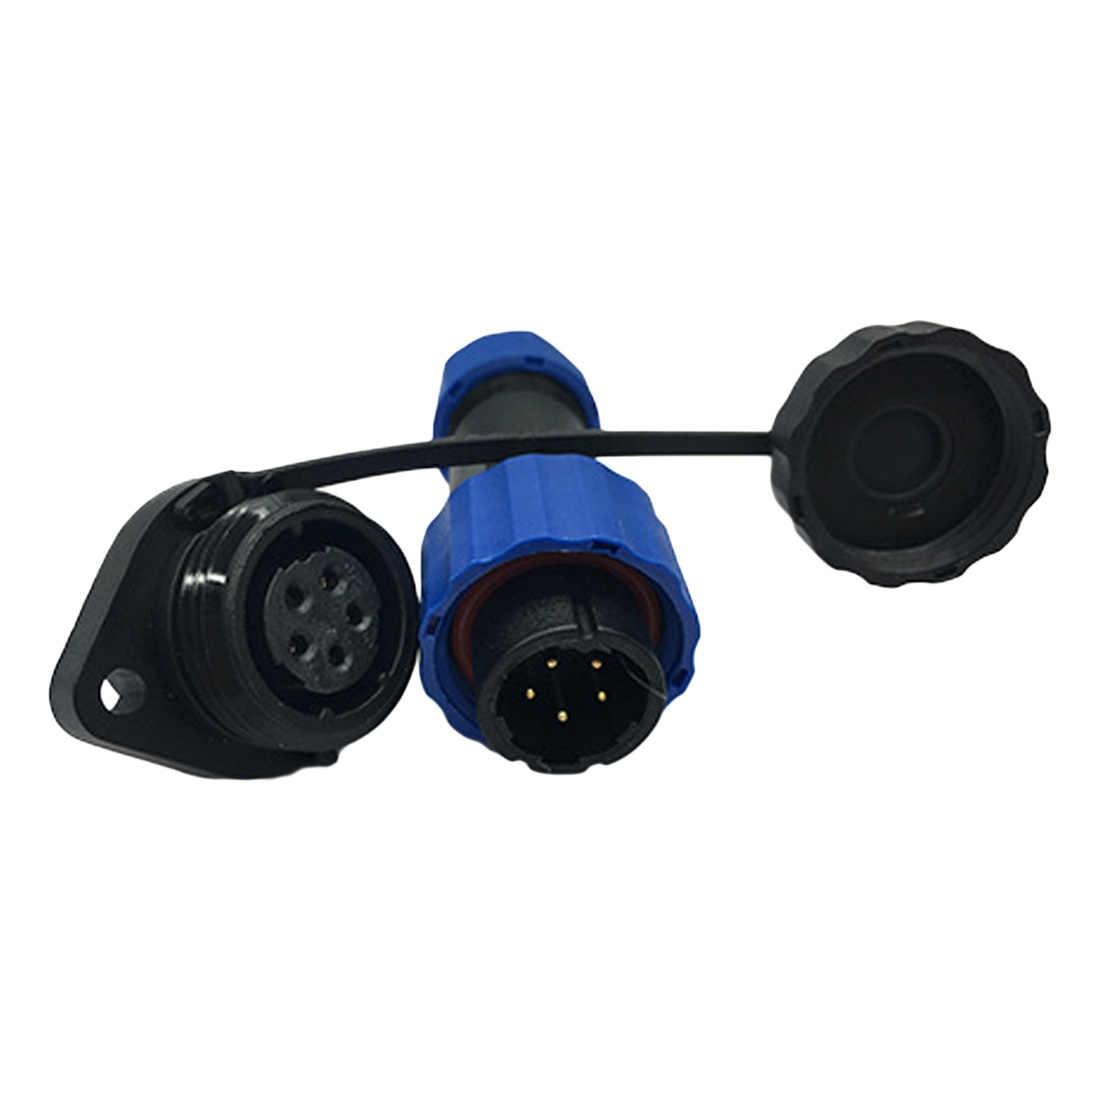 Baru SP16 2pin 3pin 4pin 5pin 7pin 9Pin IP68 Konektor dengan 2 Lubang Flange Tahan Air Konektor Plug dan Socket